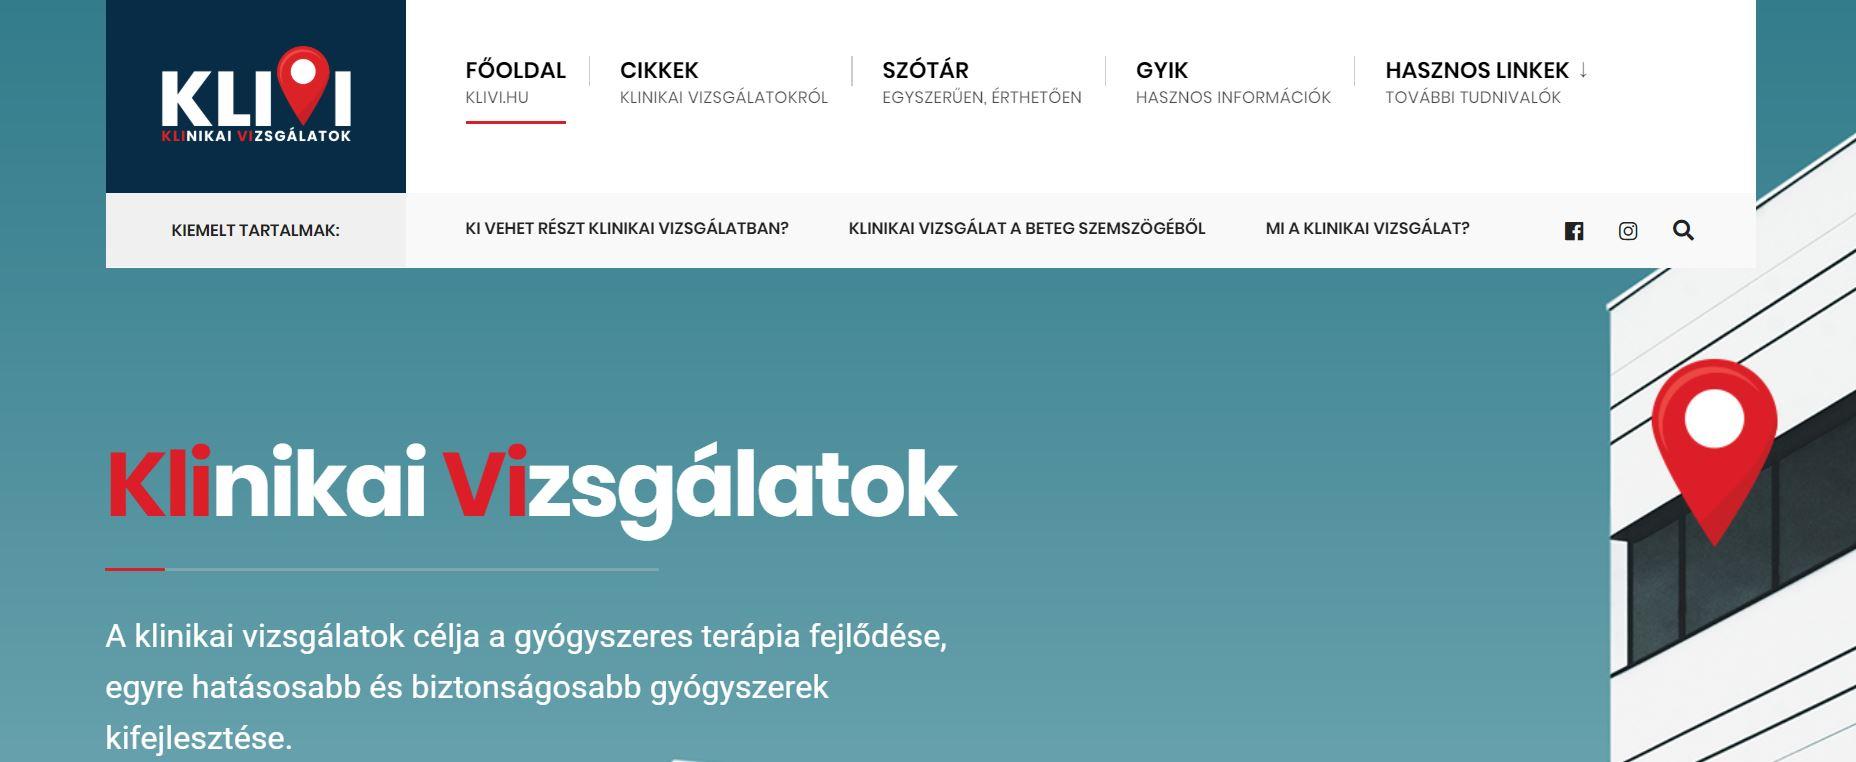 www.info.klivi.hu